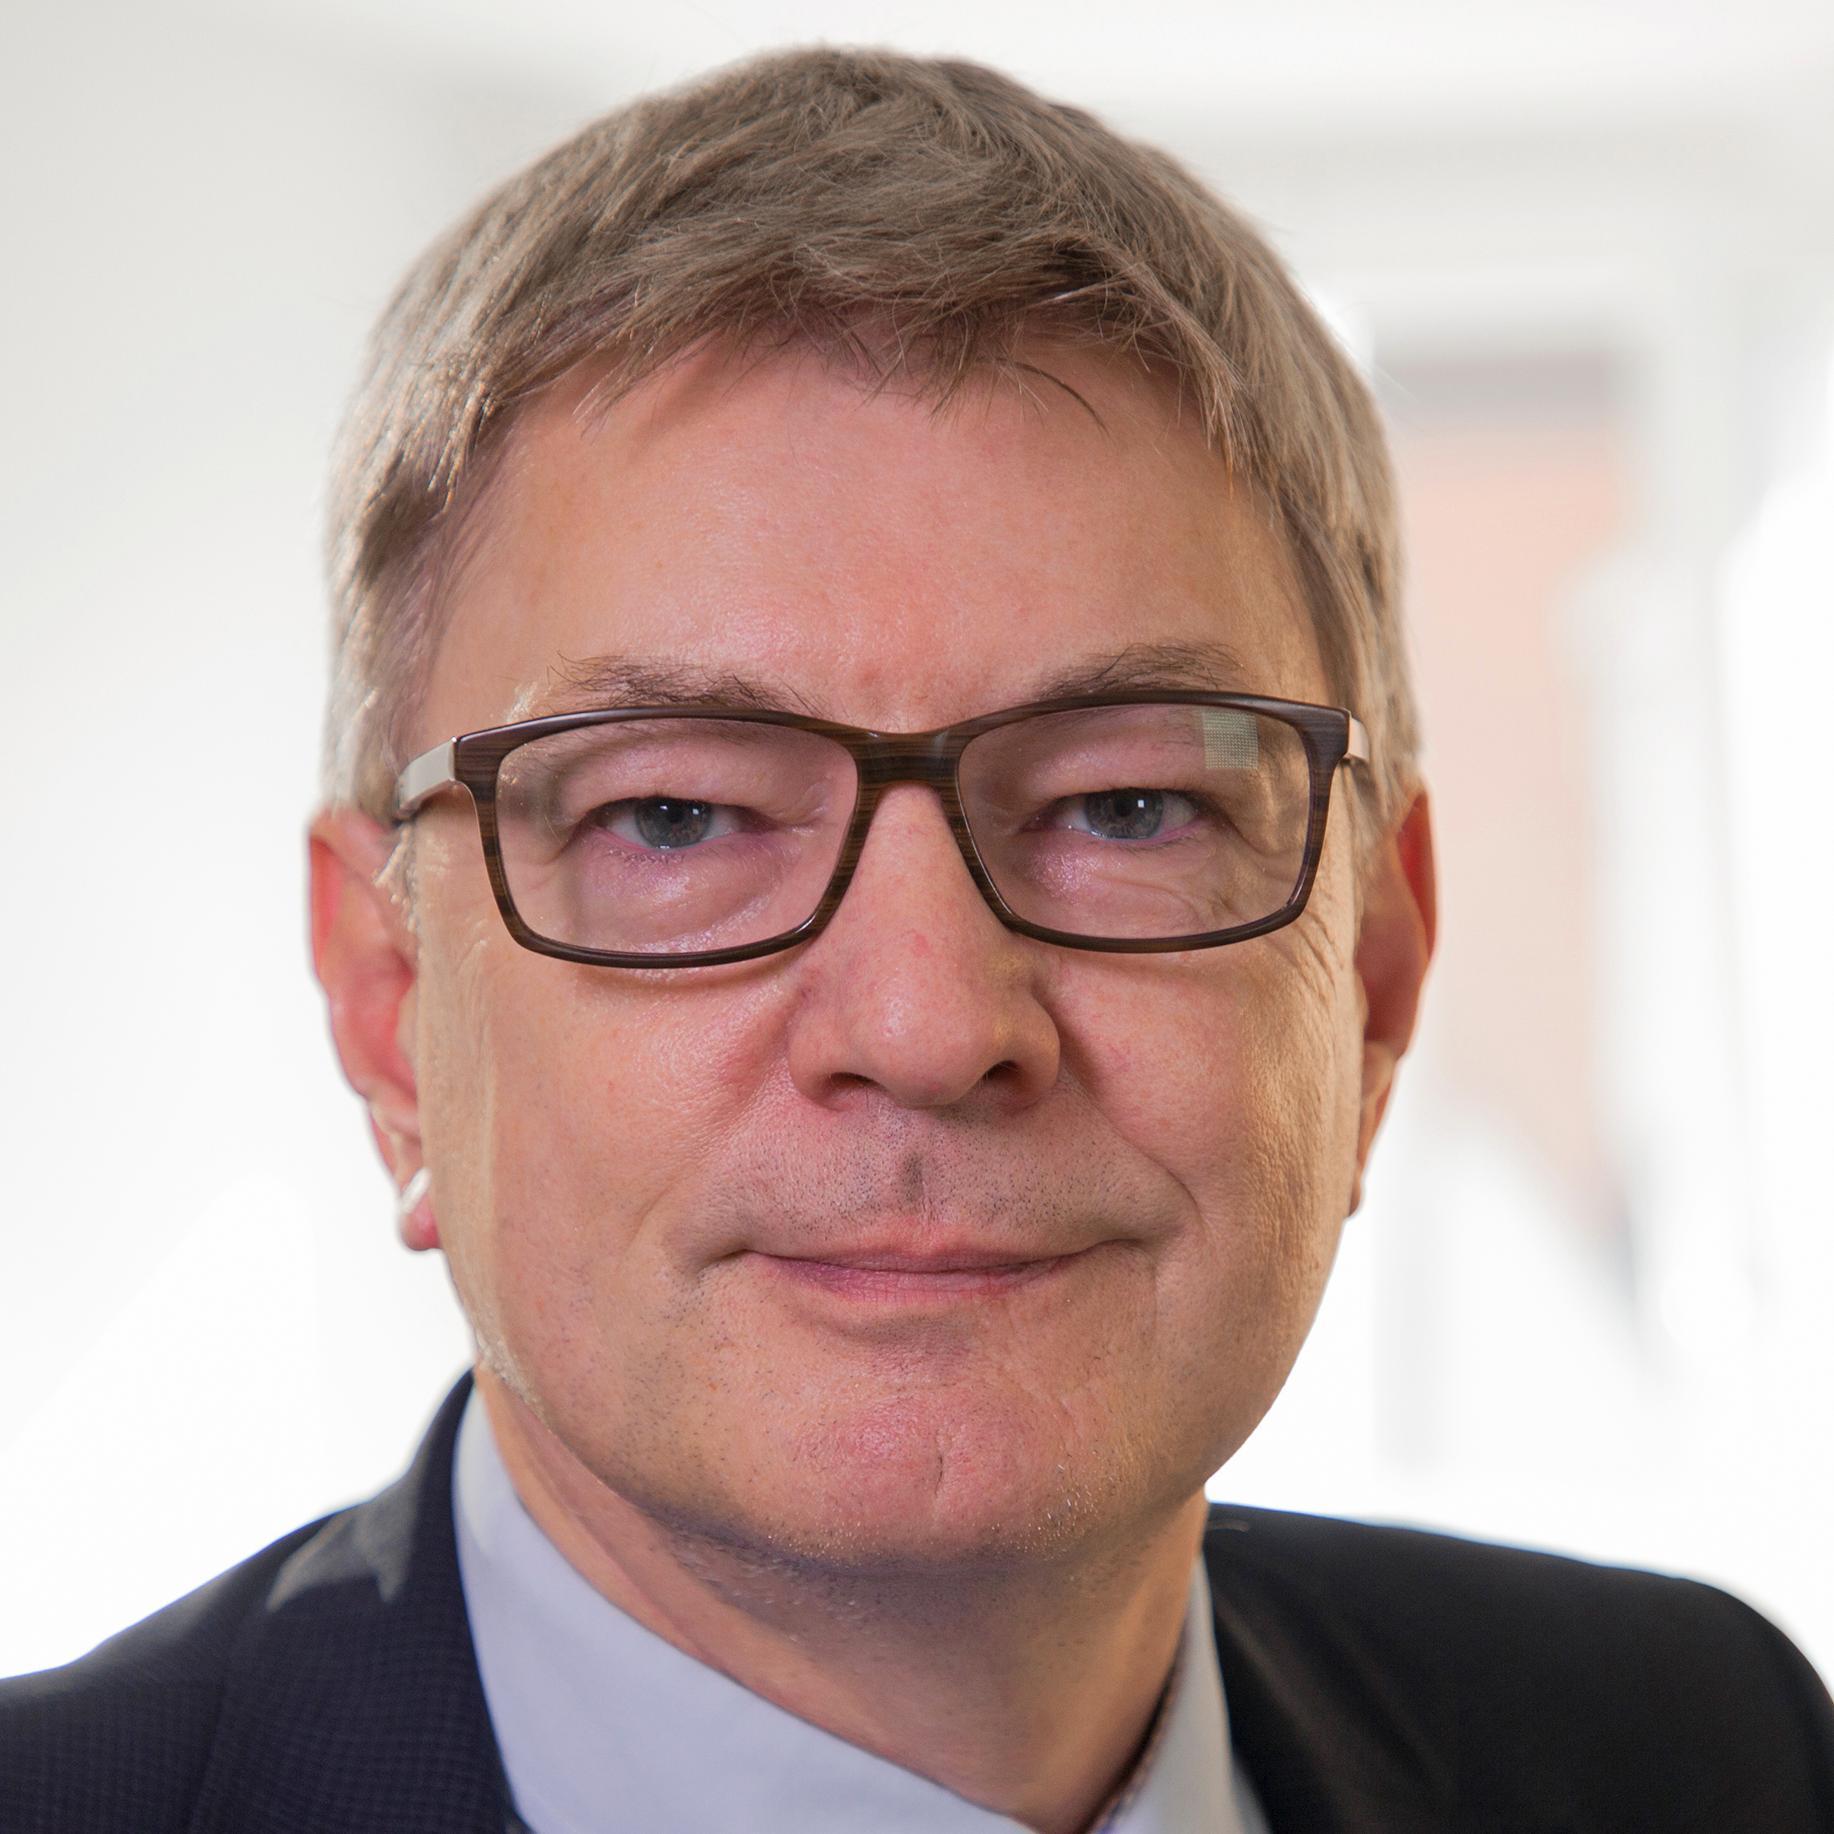 Peter Jungblut